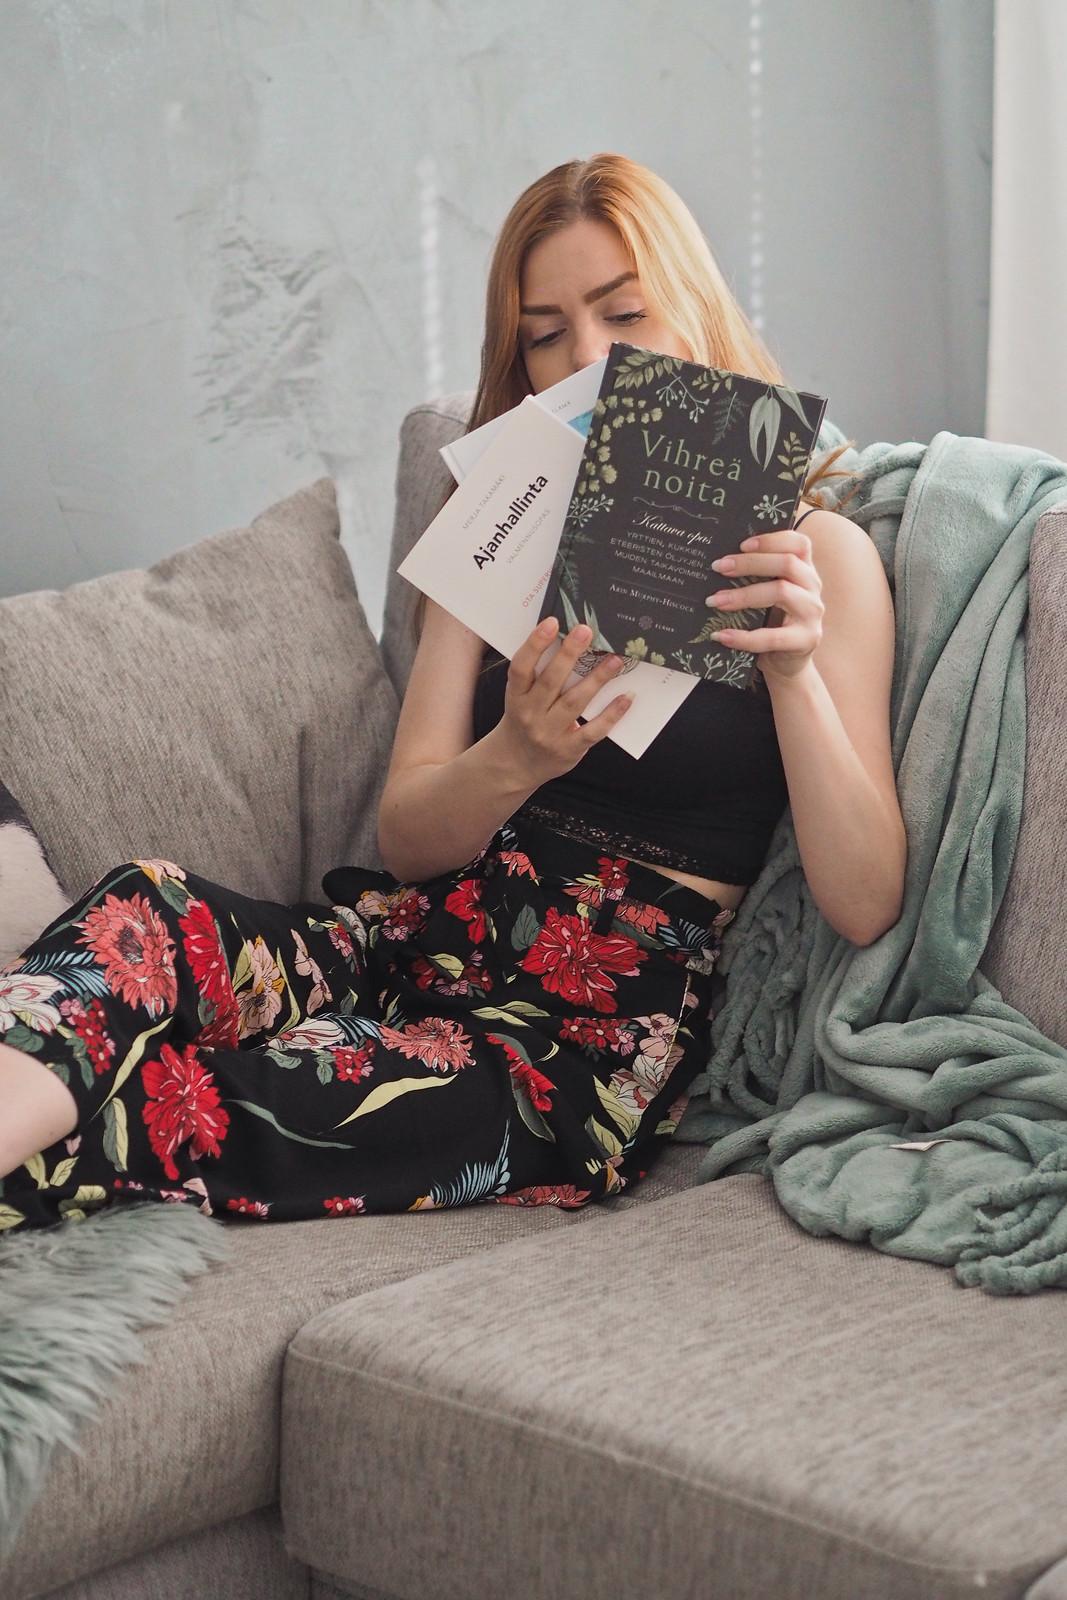 viisas elämä lukeminen